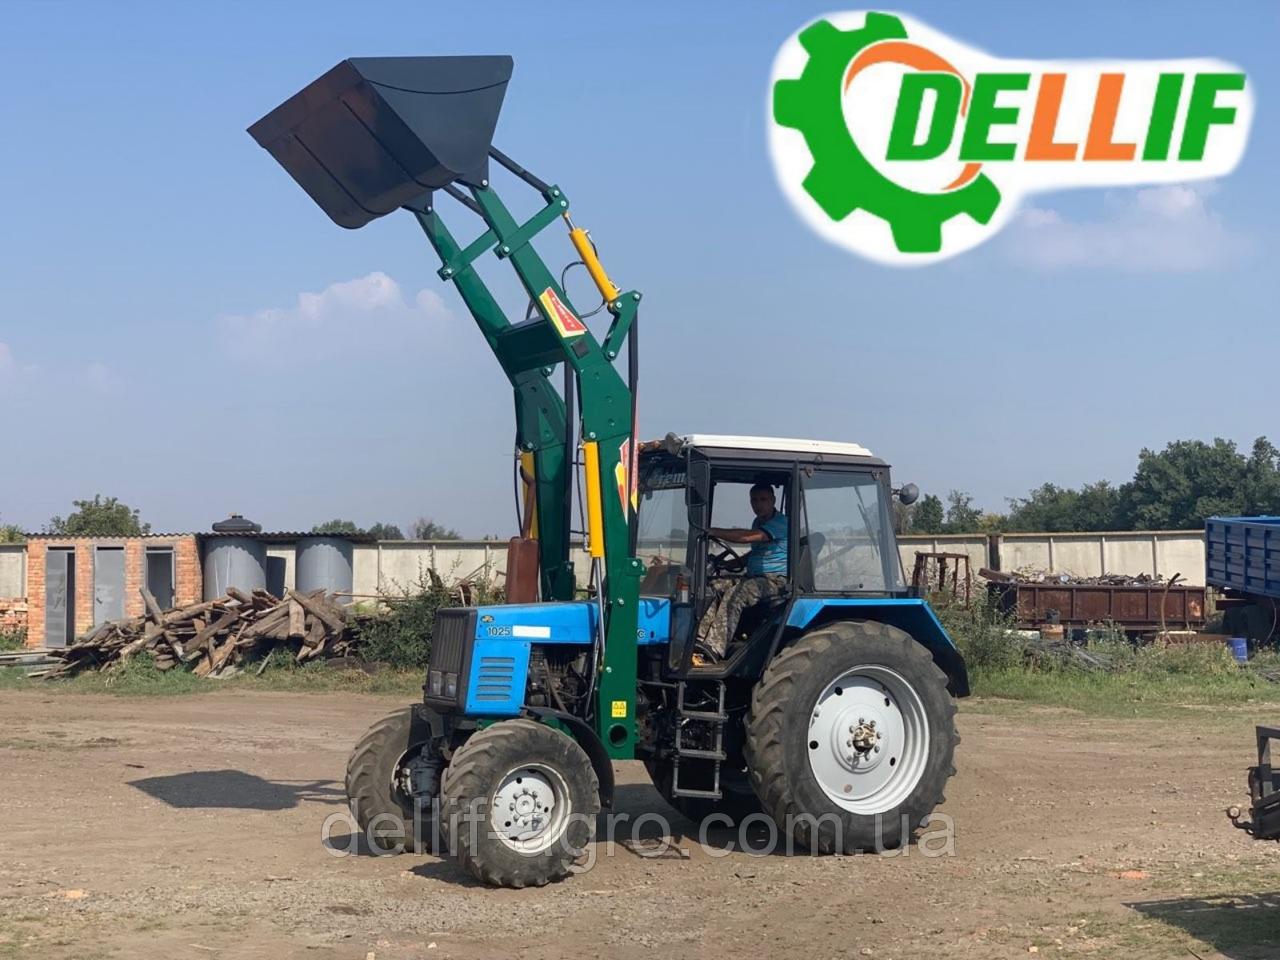 Погрузчик на трактор МТЗ Dellif Light 1200 стационарный с ковшом 1.6 м